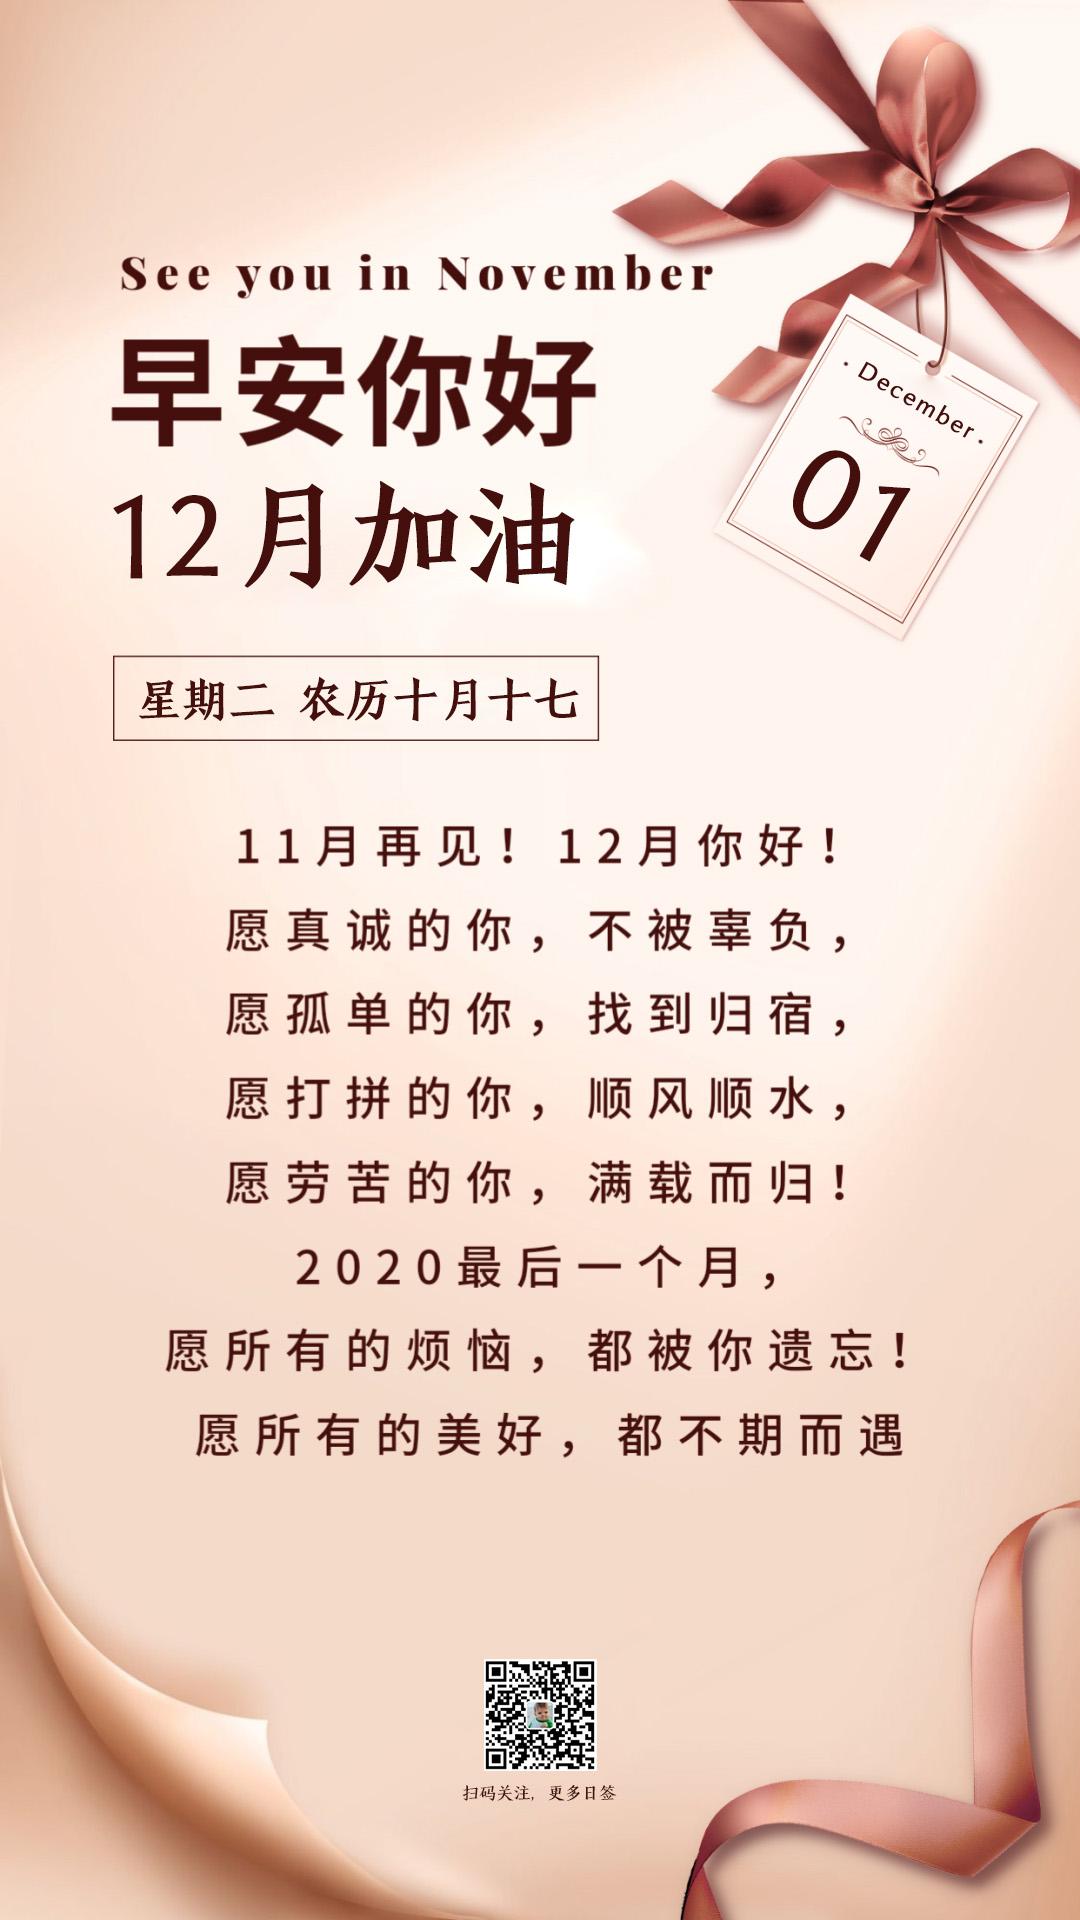 12月你好朋友圈图片文案说说正能量励志,12月1日早安日签带字